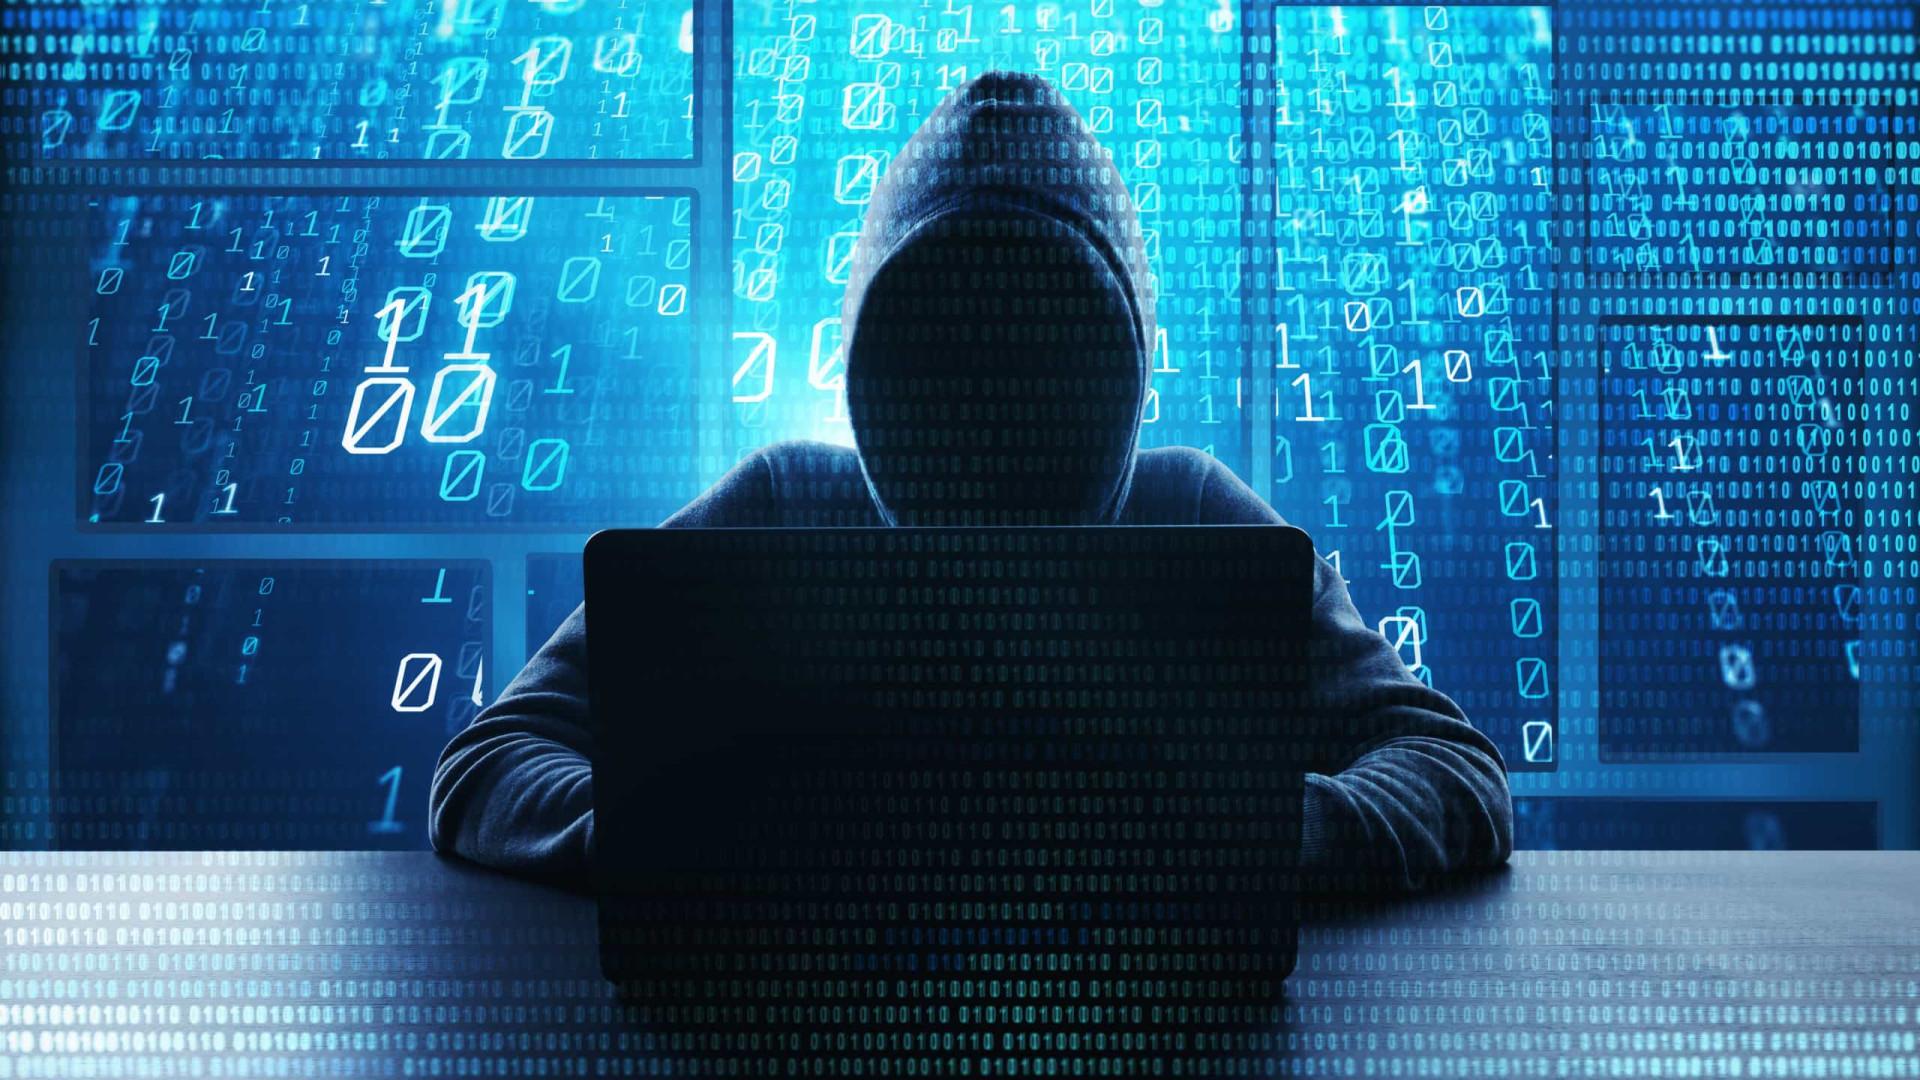 Na véspera da prisão, hacker indicou que poderia vazar dados do governo